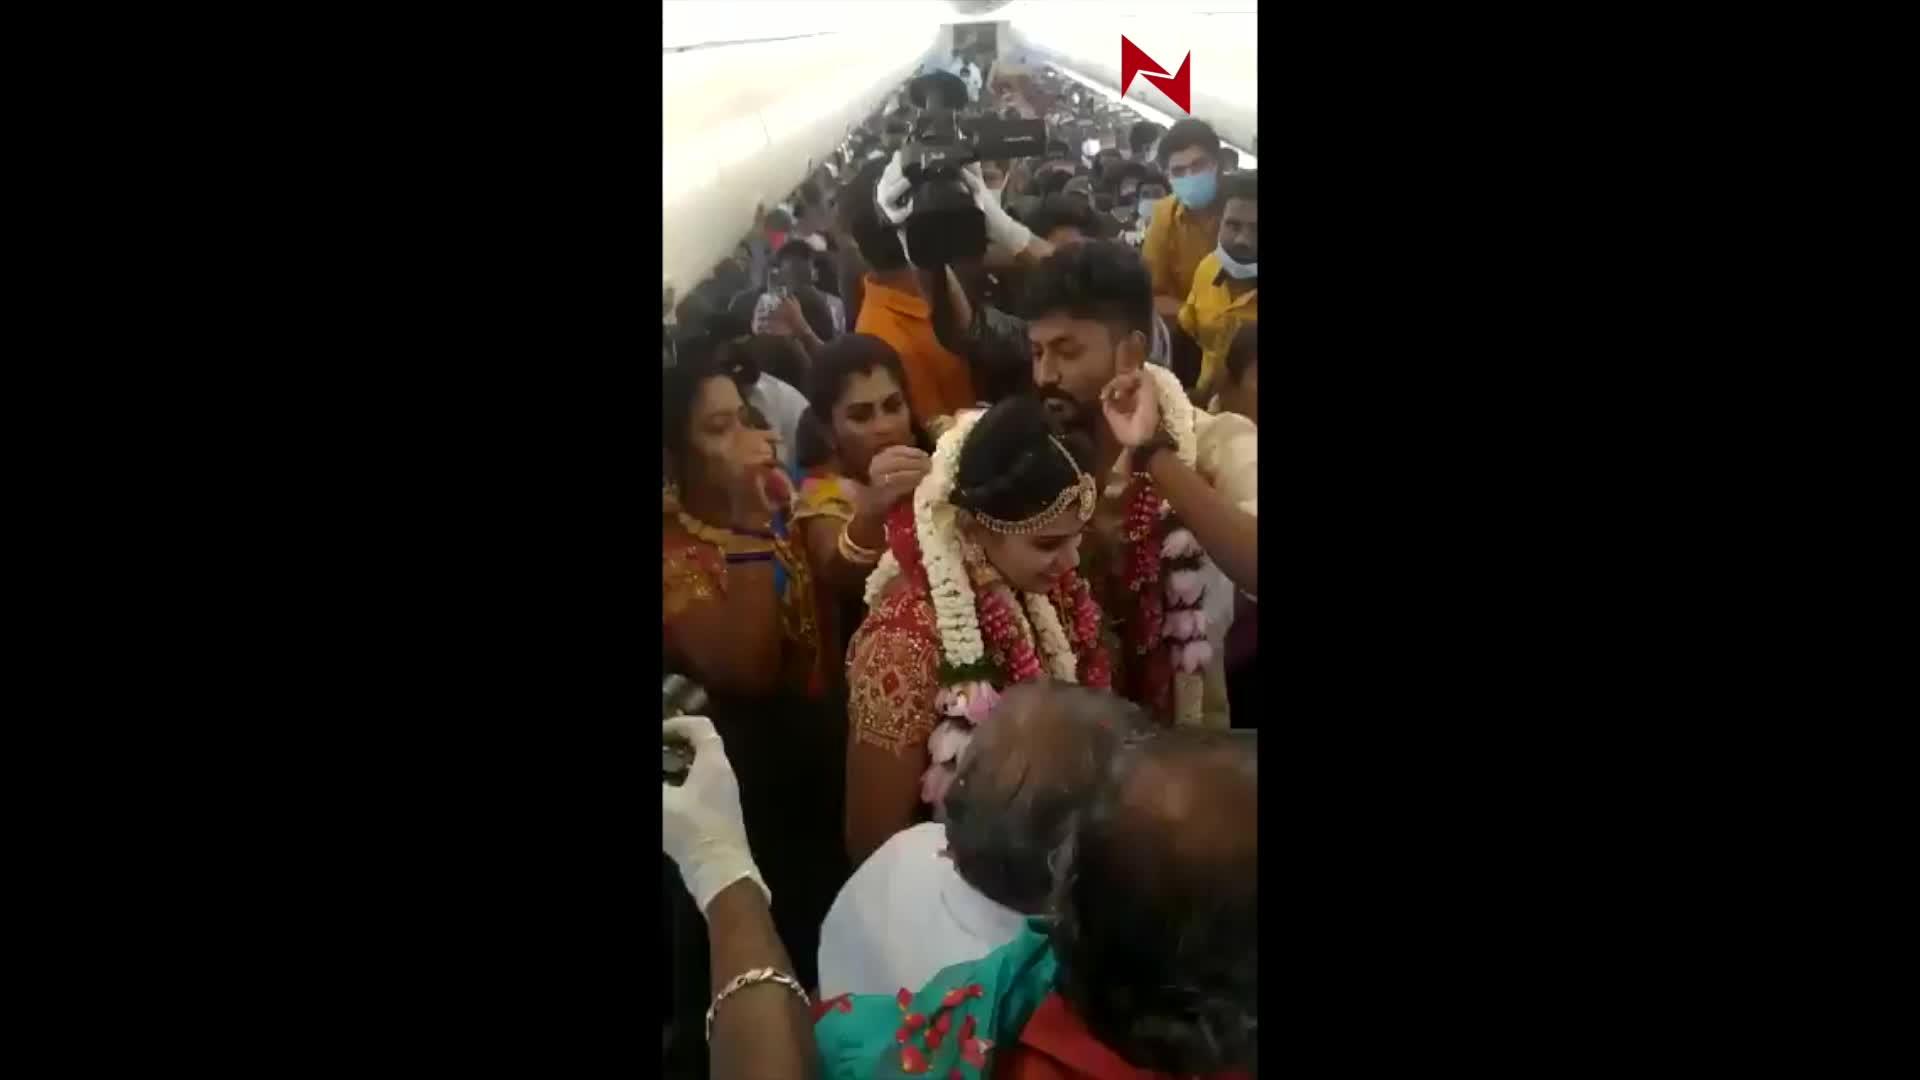 印度新人包機結婚 160親友空中觀禮後被罰三個月禁搭飛機